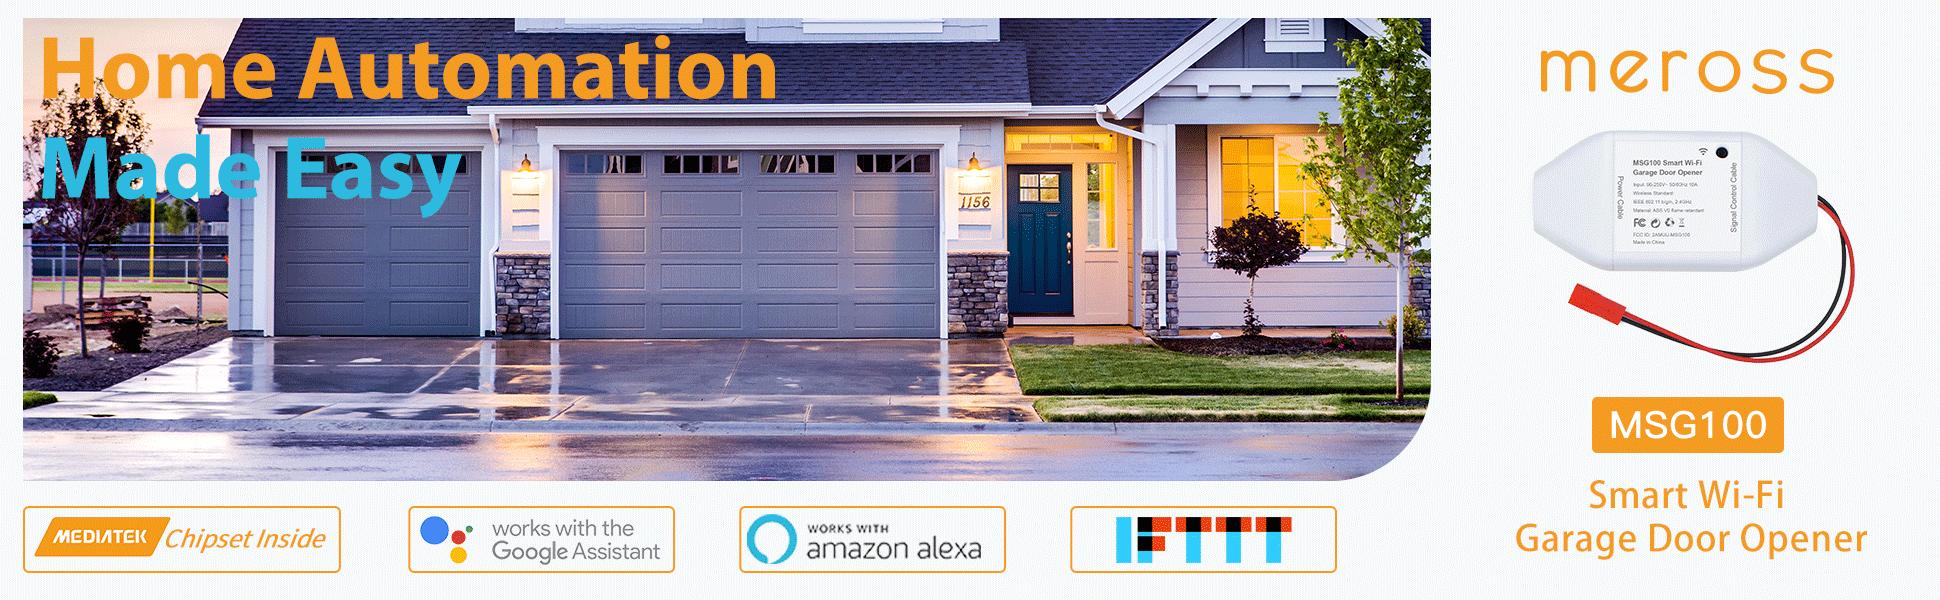 Meross Smart WiFi Garage Door Opener-Network-Smart Home-